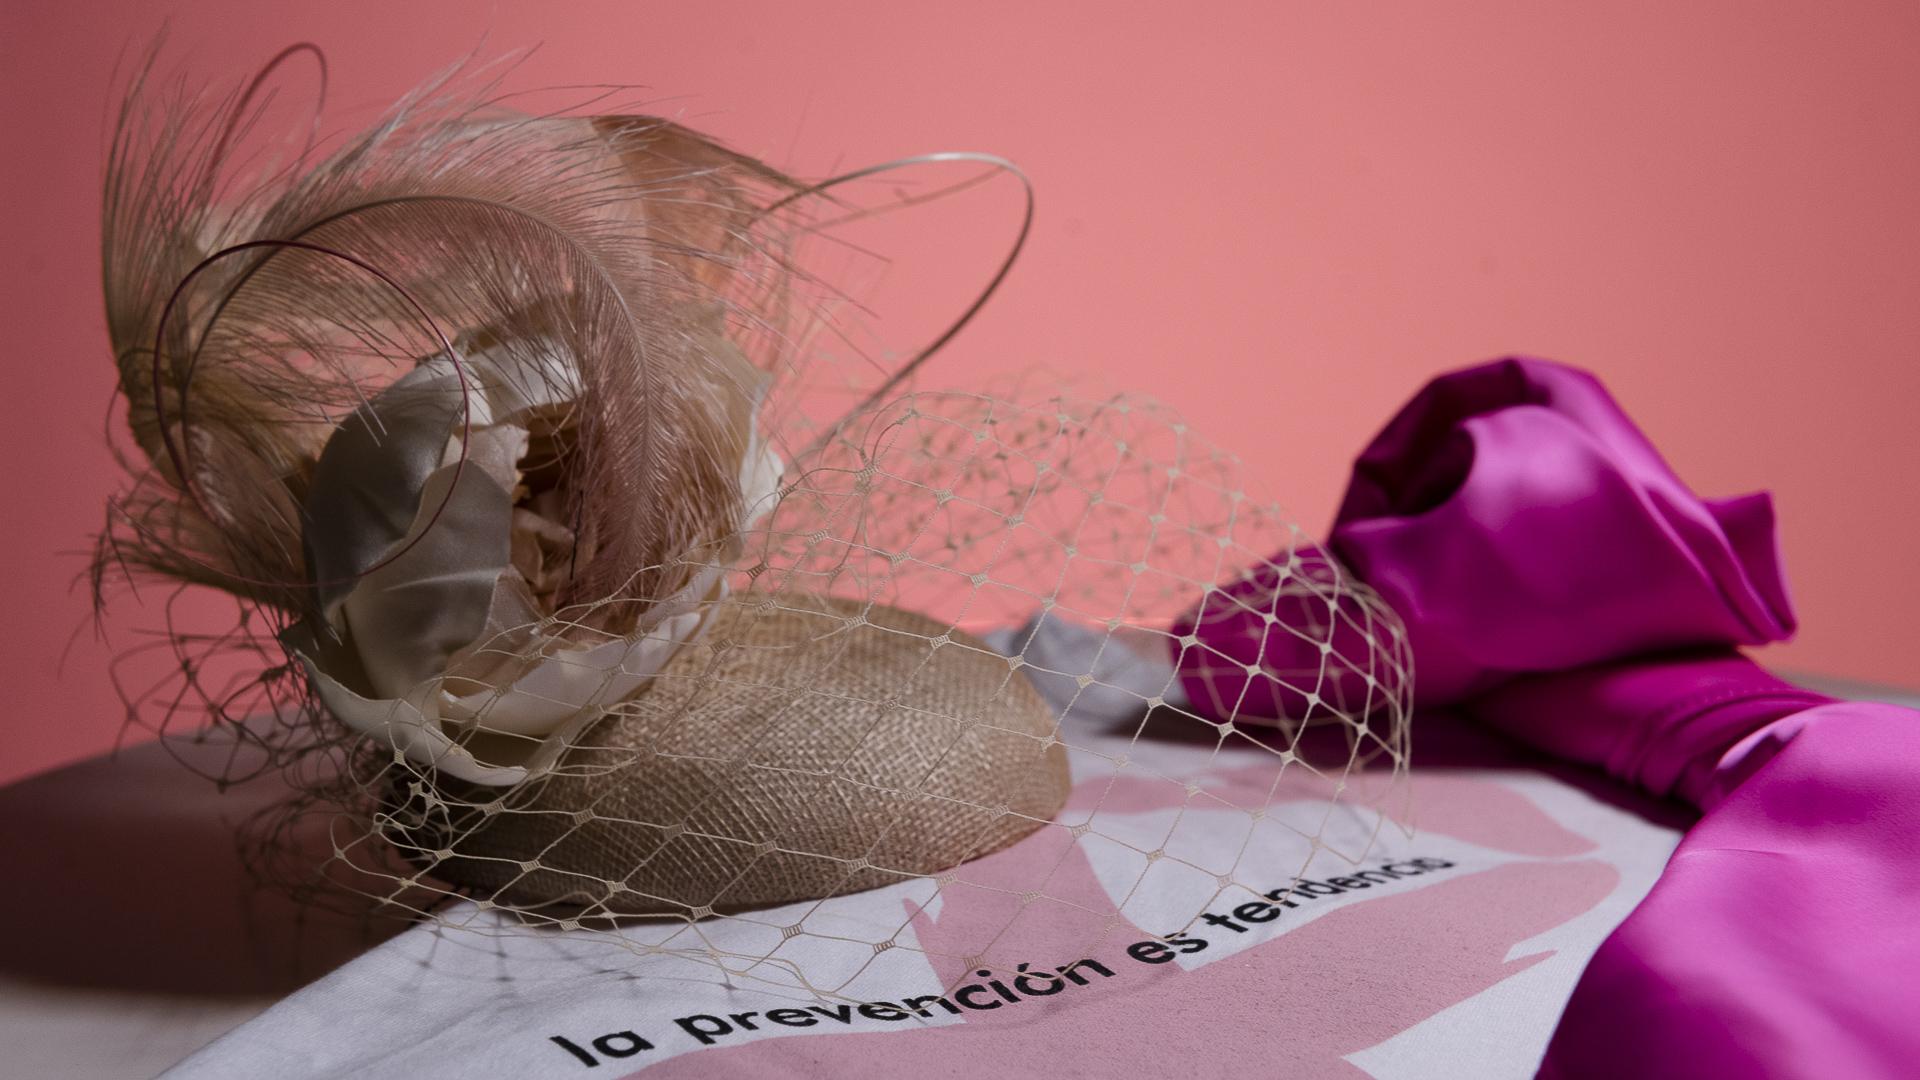 El foulard en seda ideado por el diseñador Benito Fernández